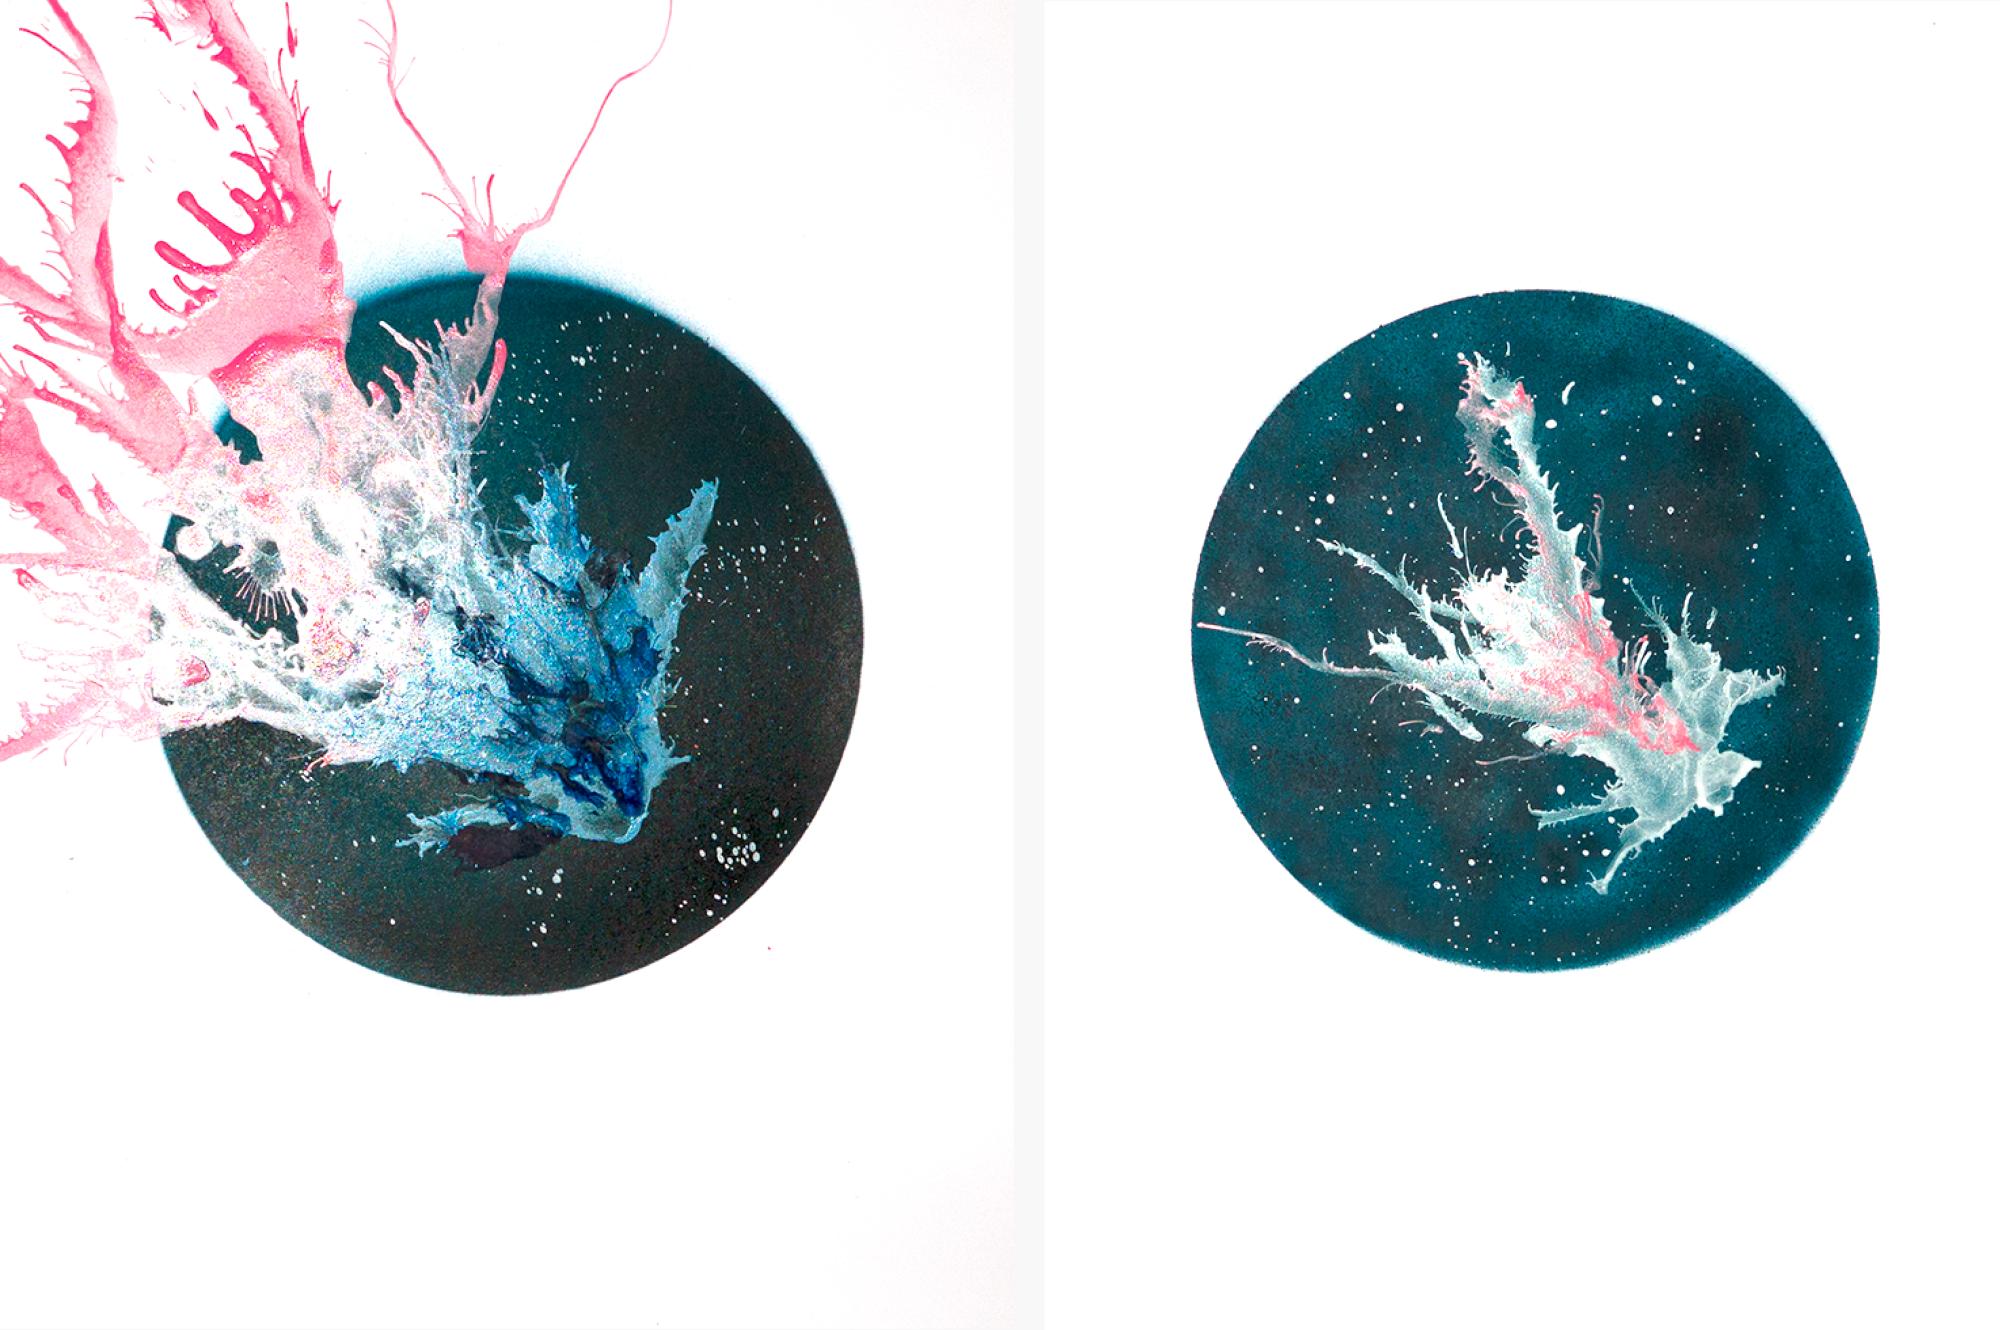 Air Paintings II